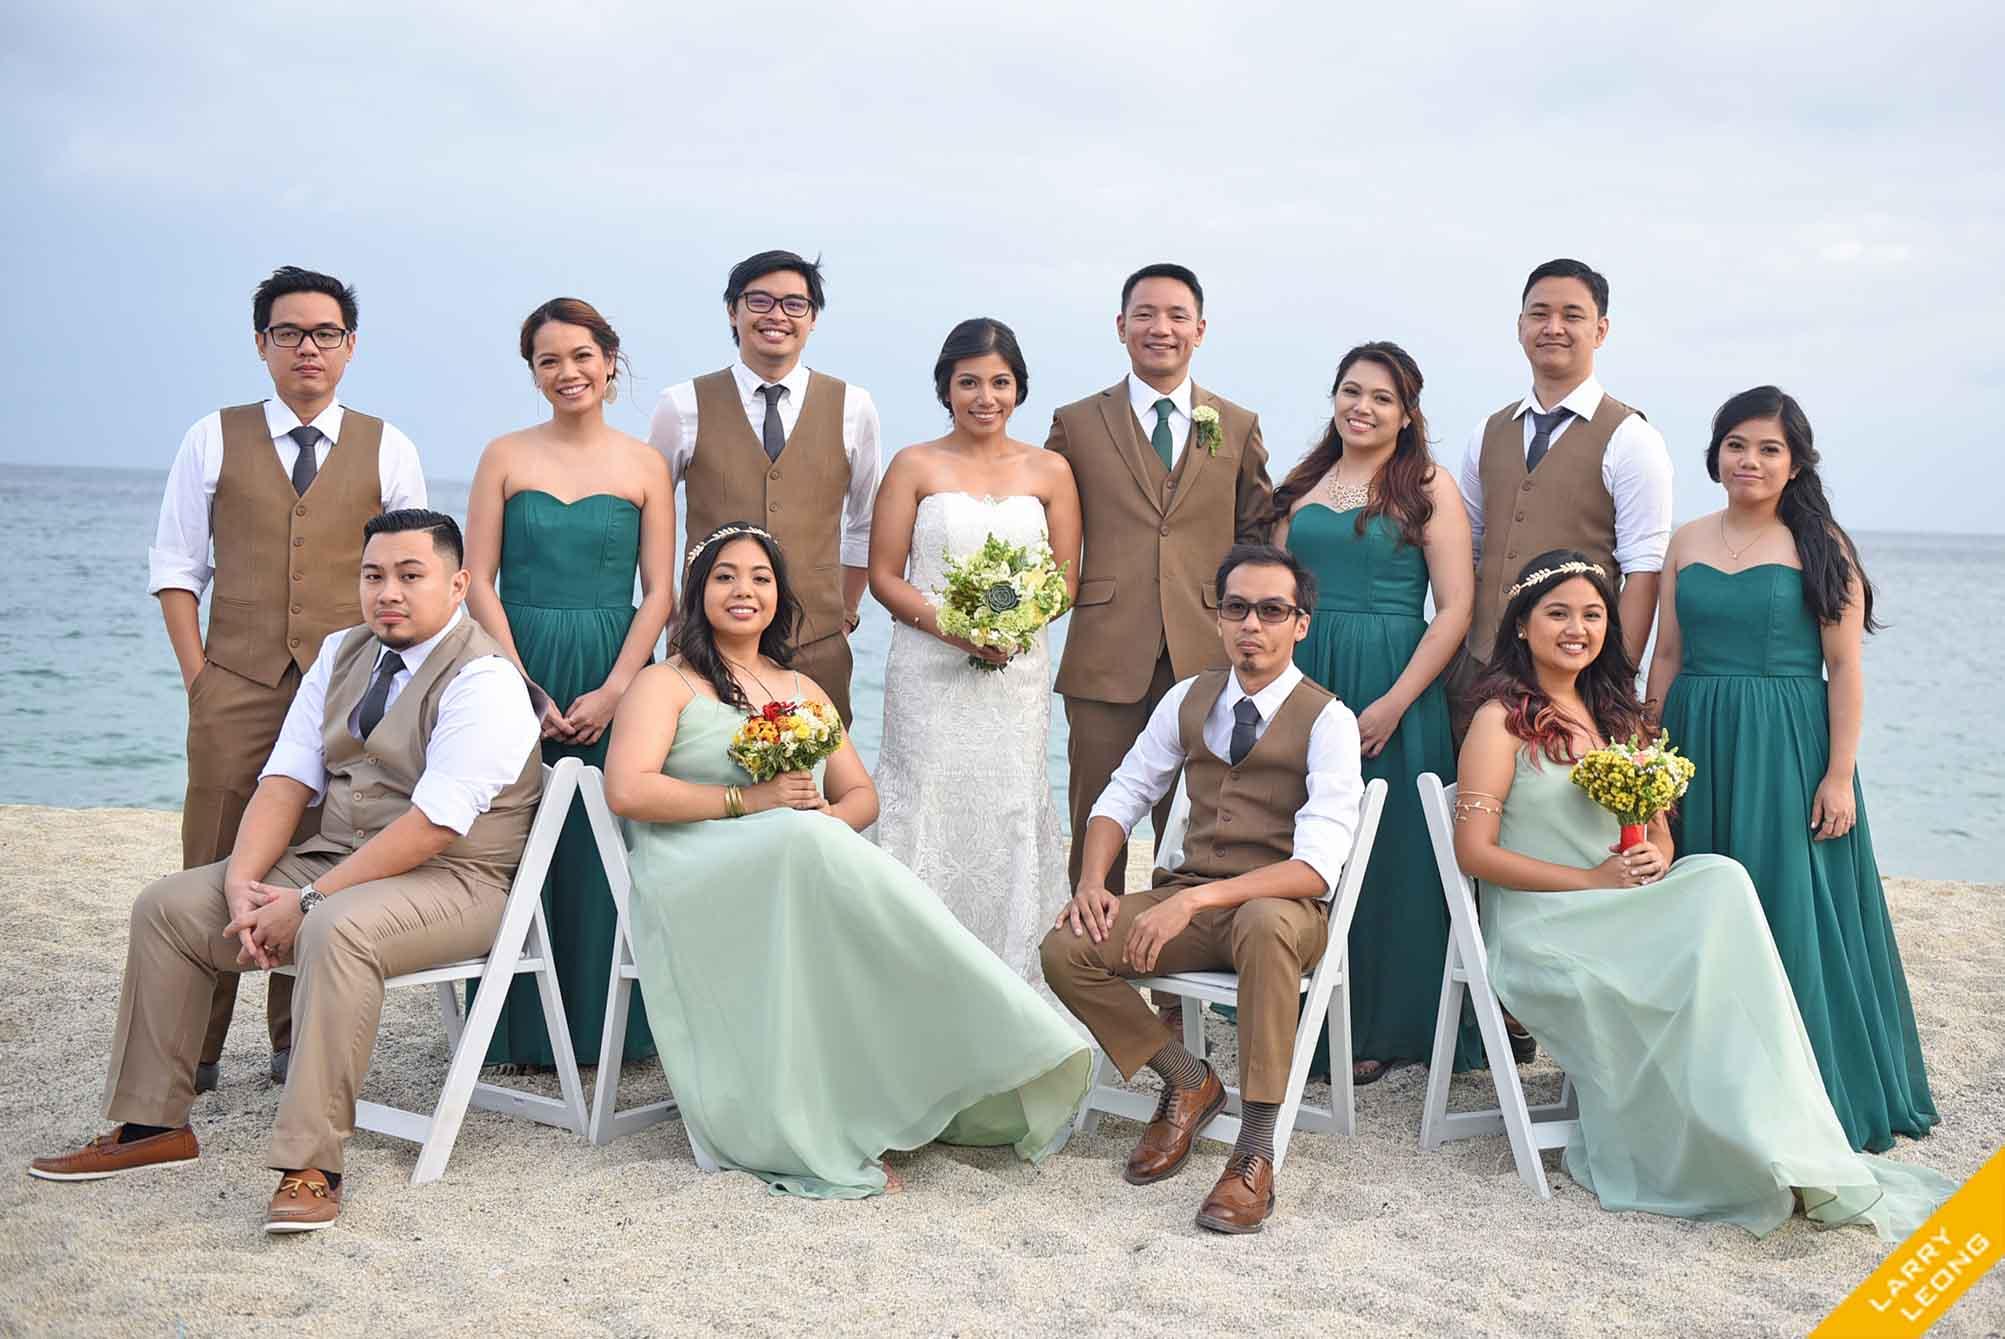 04157ddf9e entourage. tagaytay_wedding_invitation bride_wedding groom tagaytay  tagaytay_wedding_bridejen batangas_groom_wedding wedding rings_batangas ...